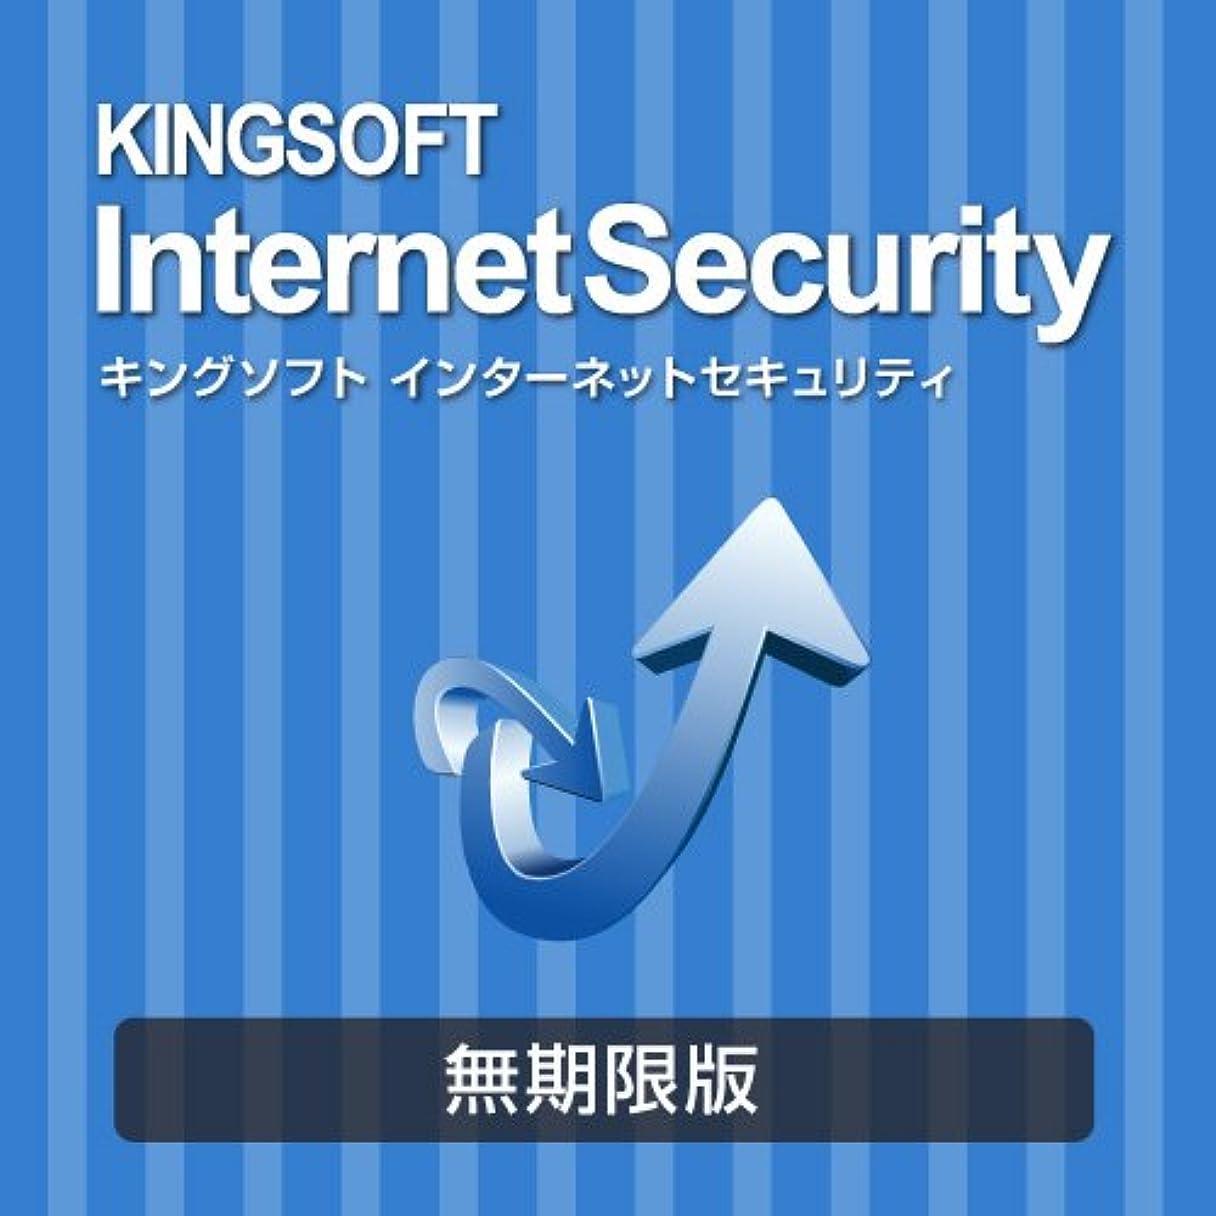 ボーカル解明不足KINGSOFT Internet Security|ダウンロード版